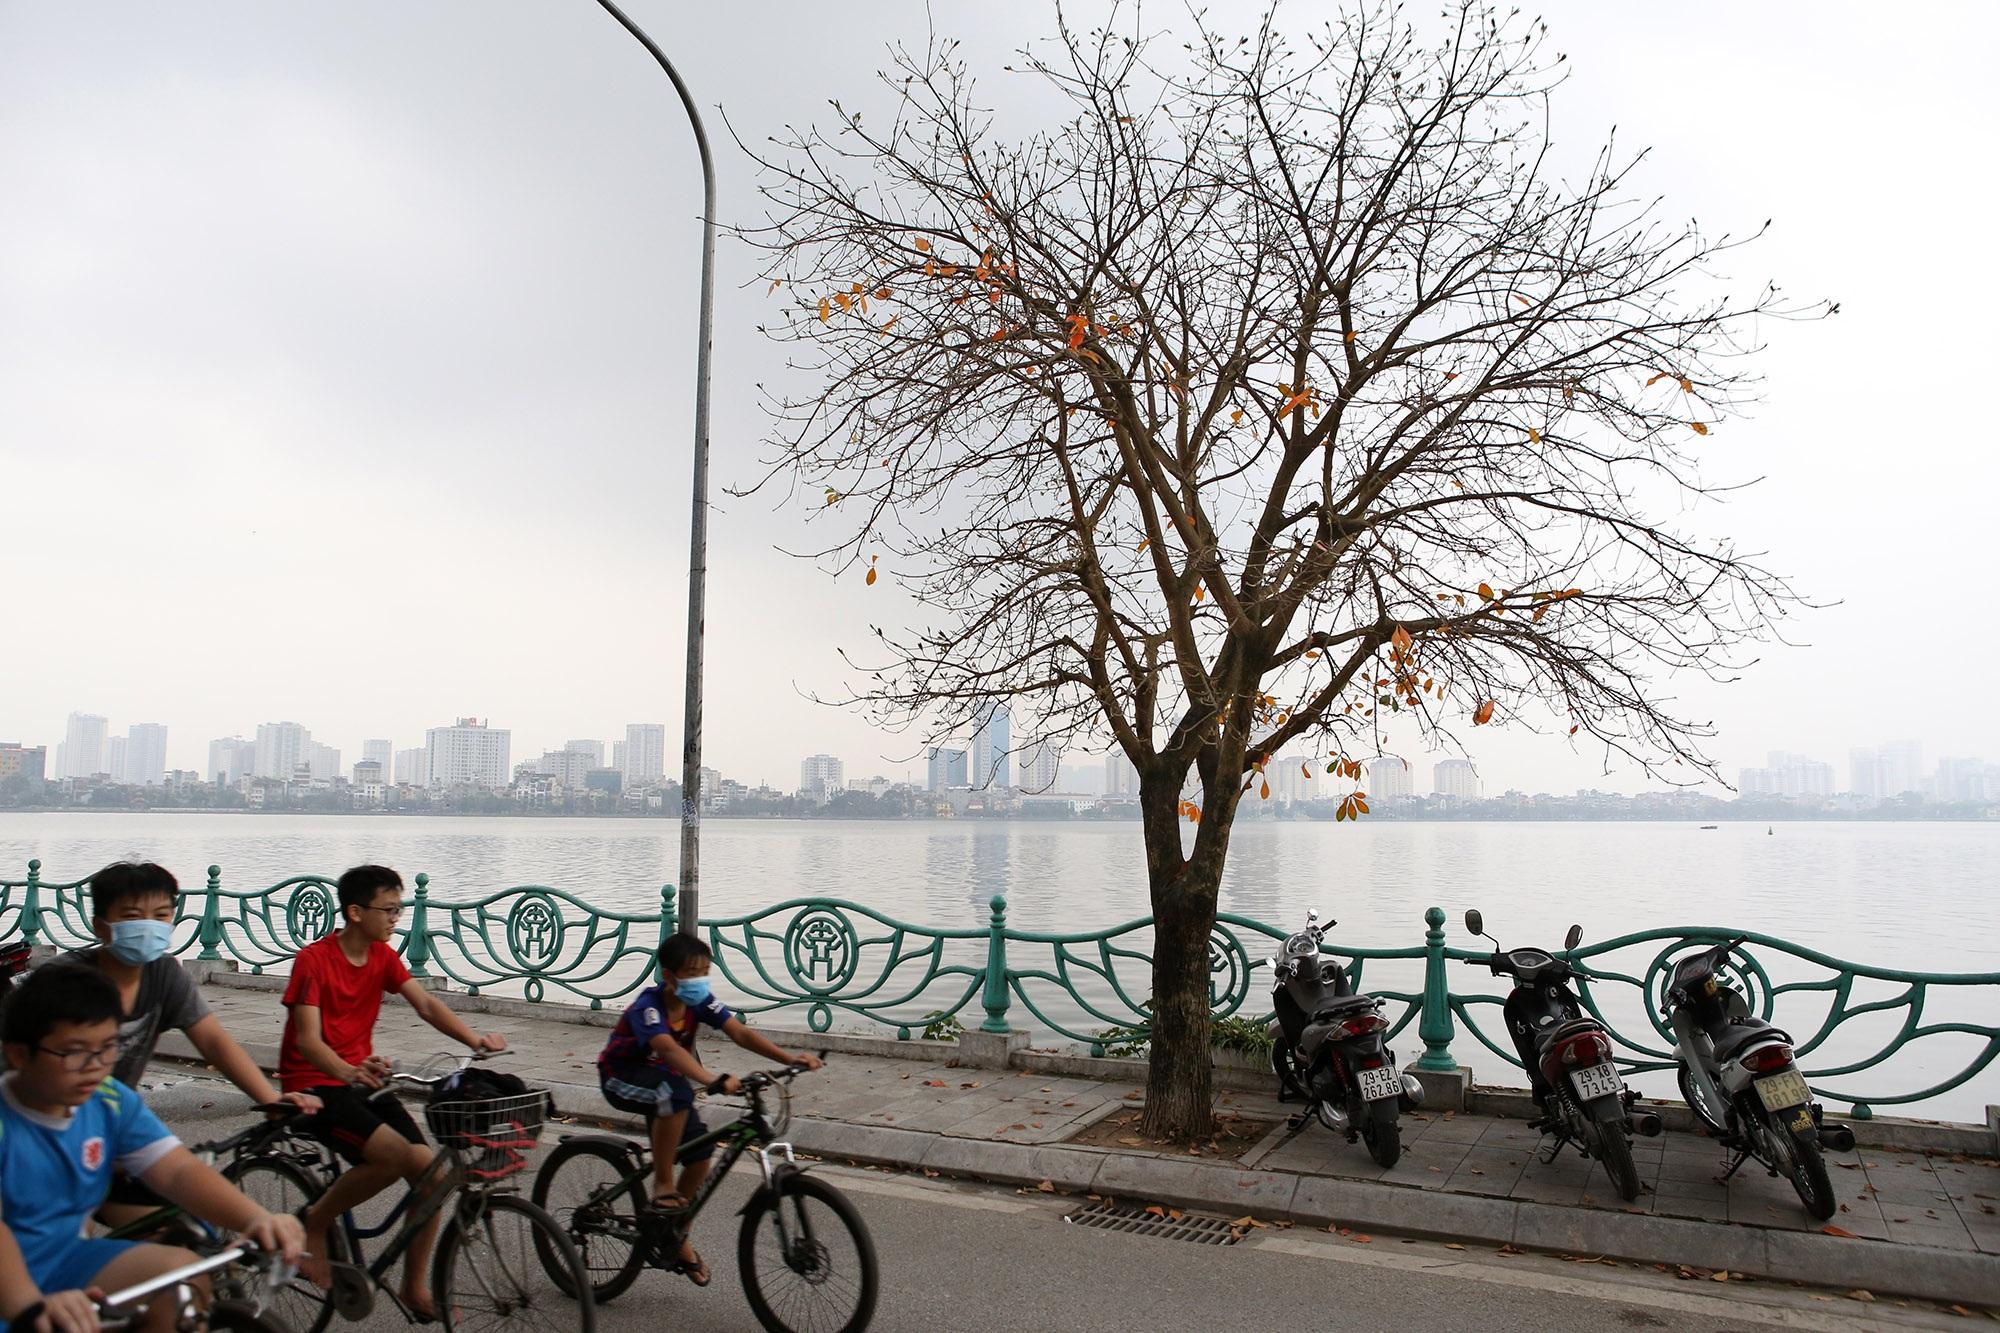 Hà Nội: Ngắm hồ Tây đẹp lãng mạn vào mùa cây thay lá - 1